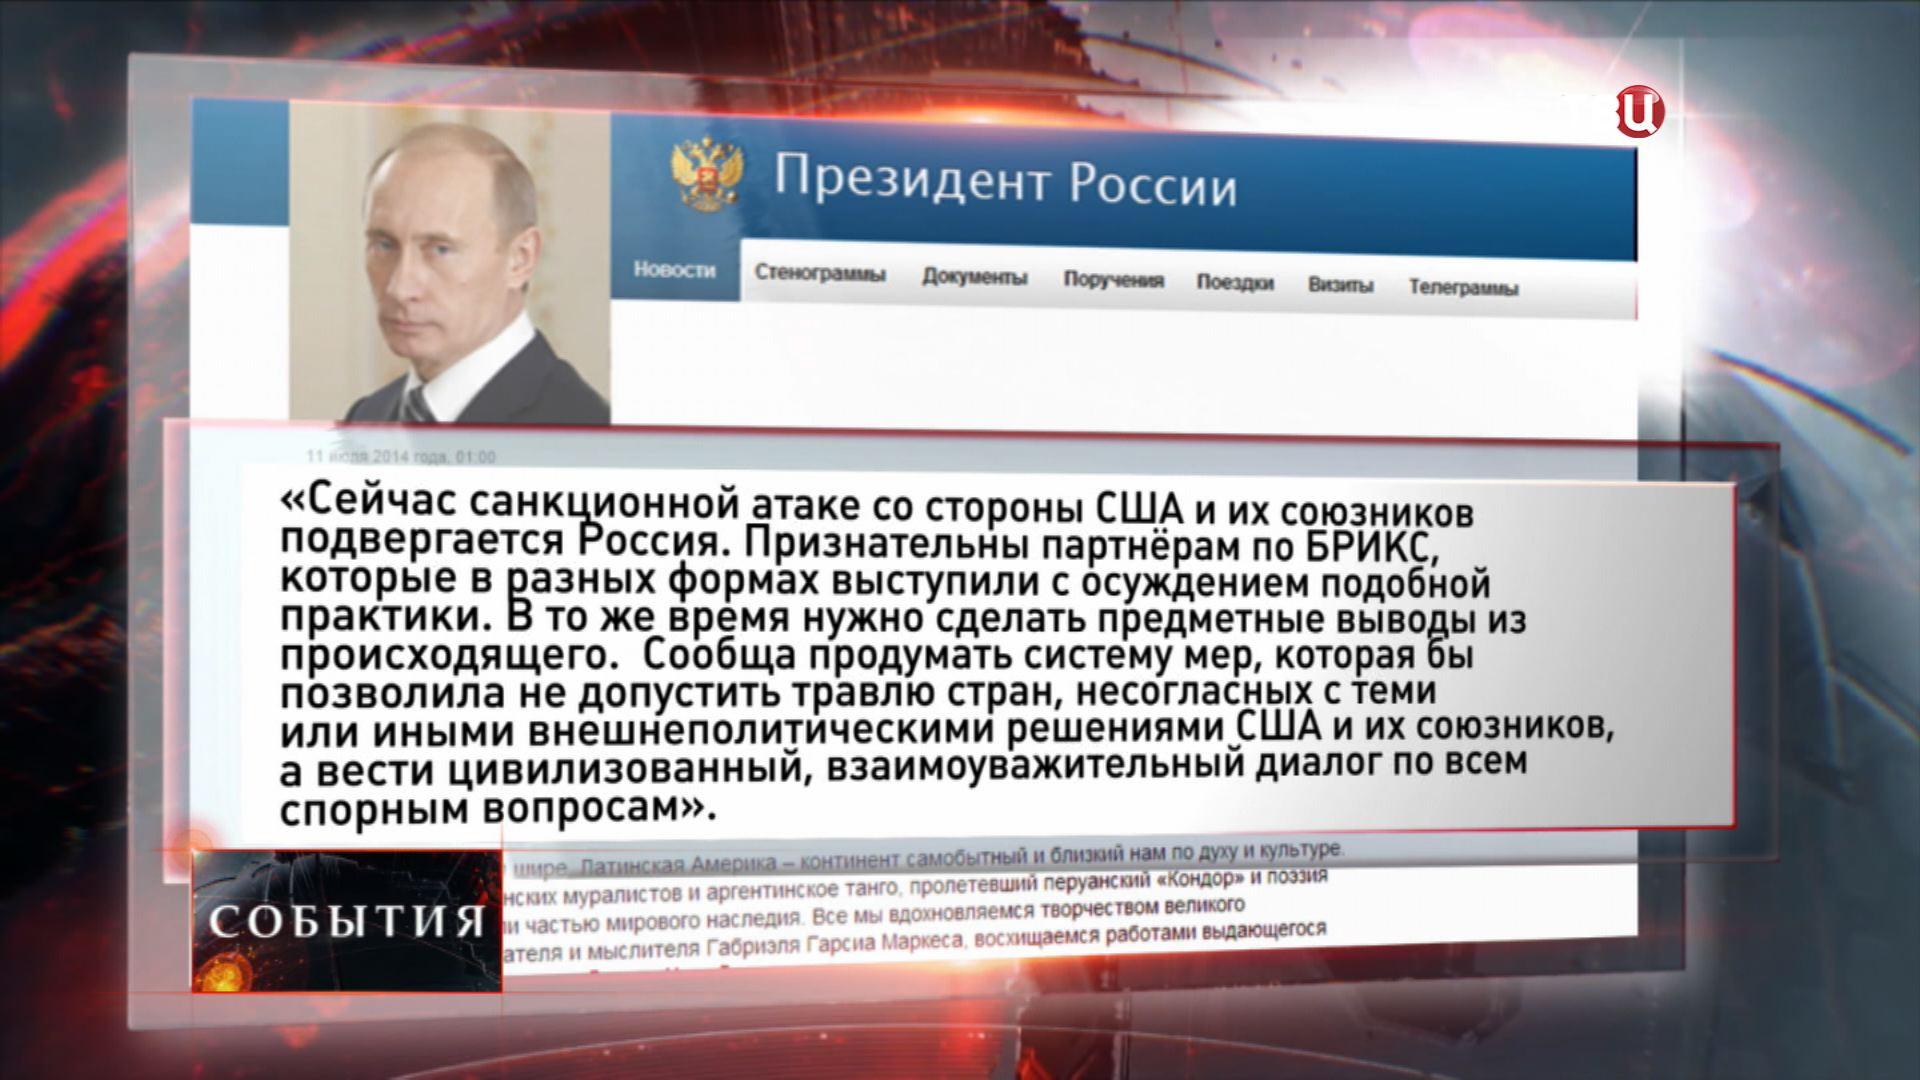 Сообщение Владимира Путина